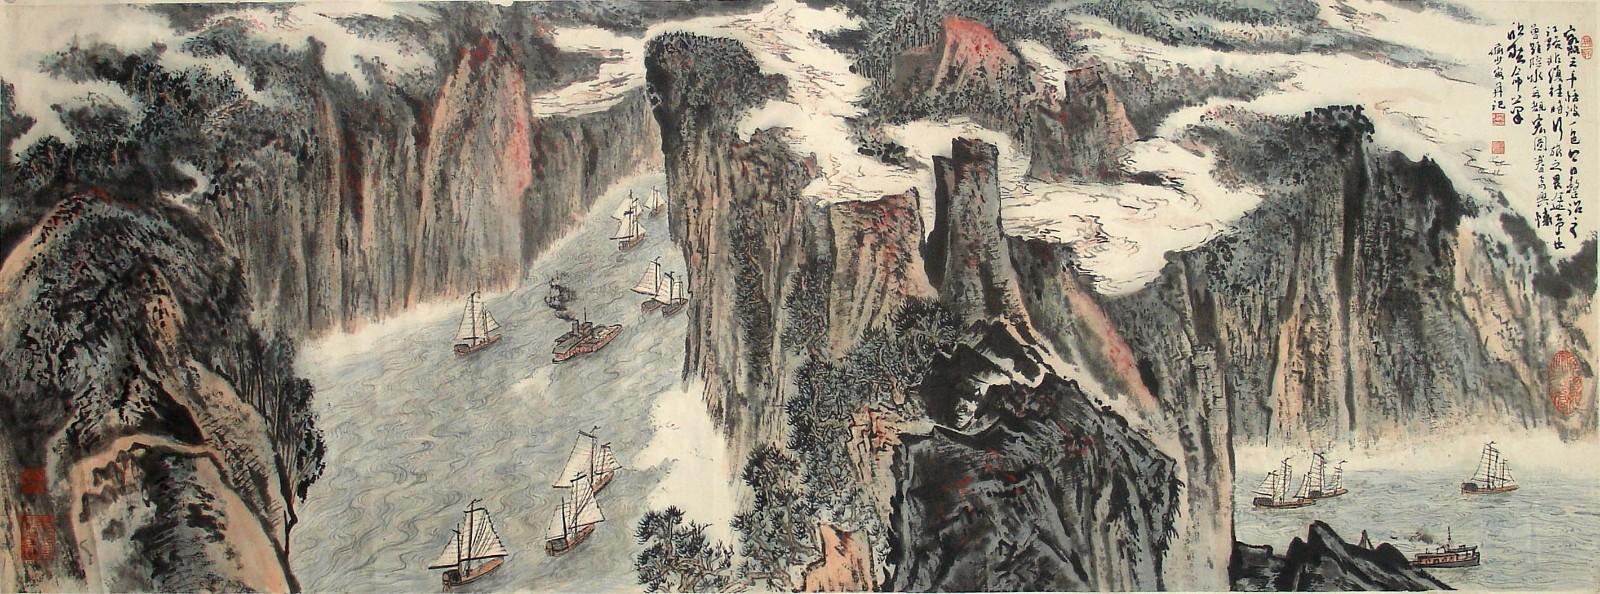 资讯动态 历代名家 - 现代画家·陆俨少  山水画,尤善于发挥用笔效能